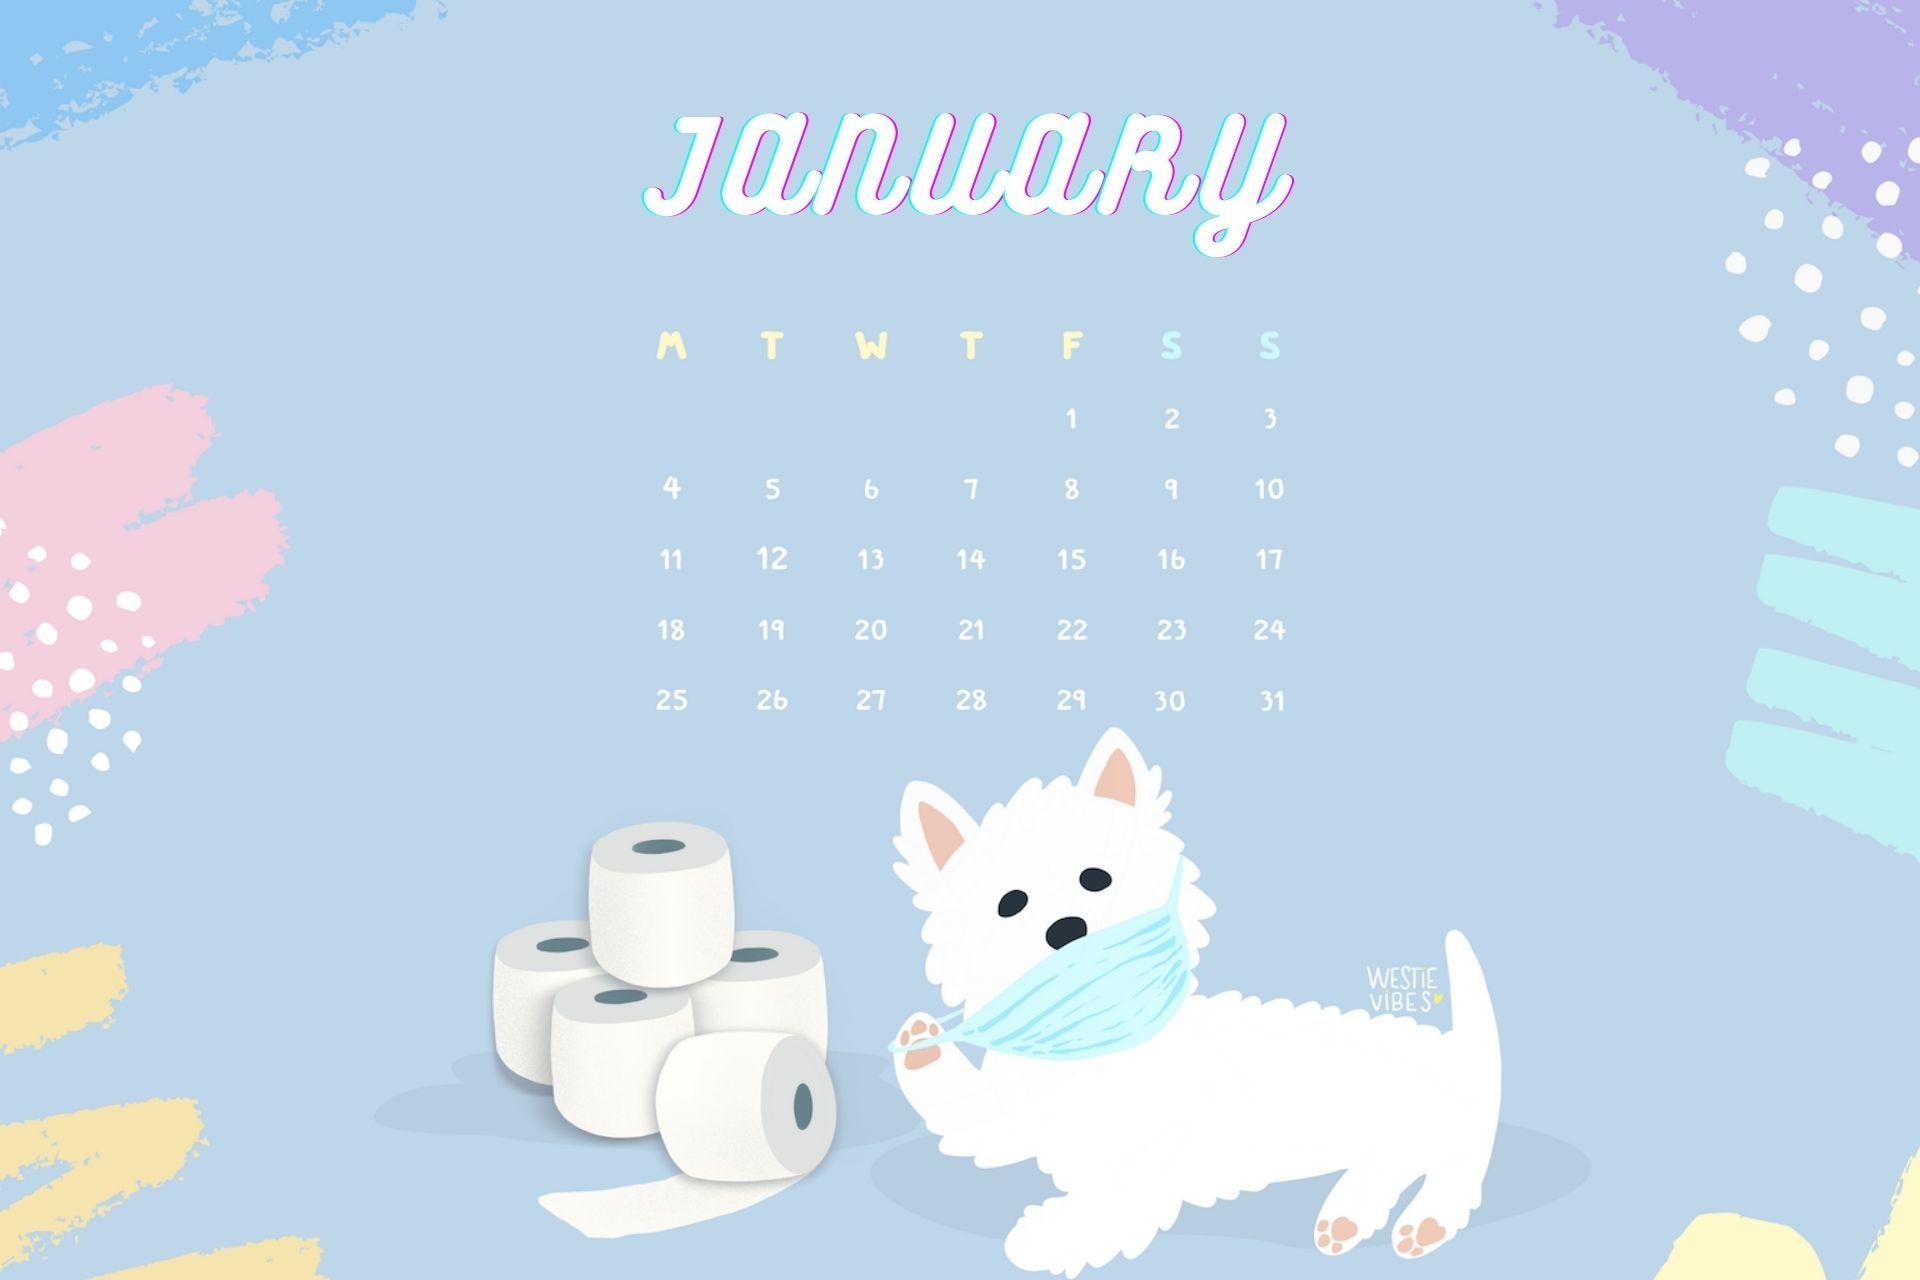 January 2021 HD Calendar Wallpaper featuring cute puppy Calendar 1920x1280